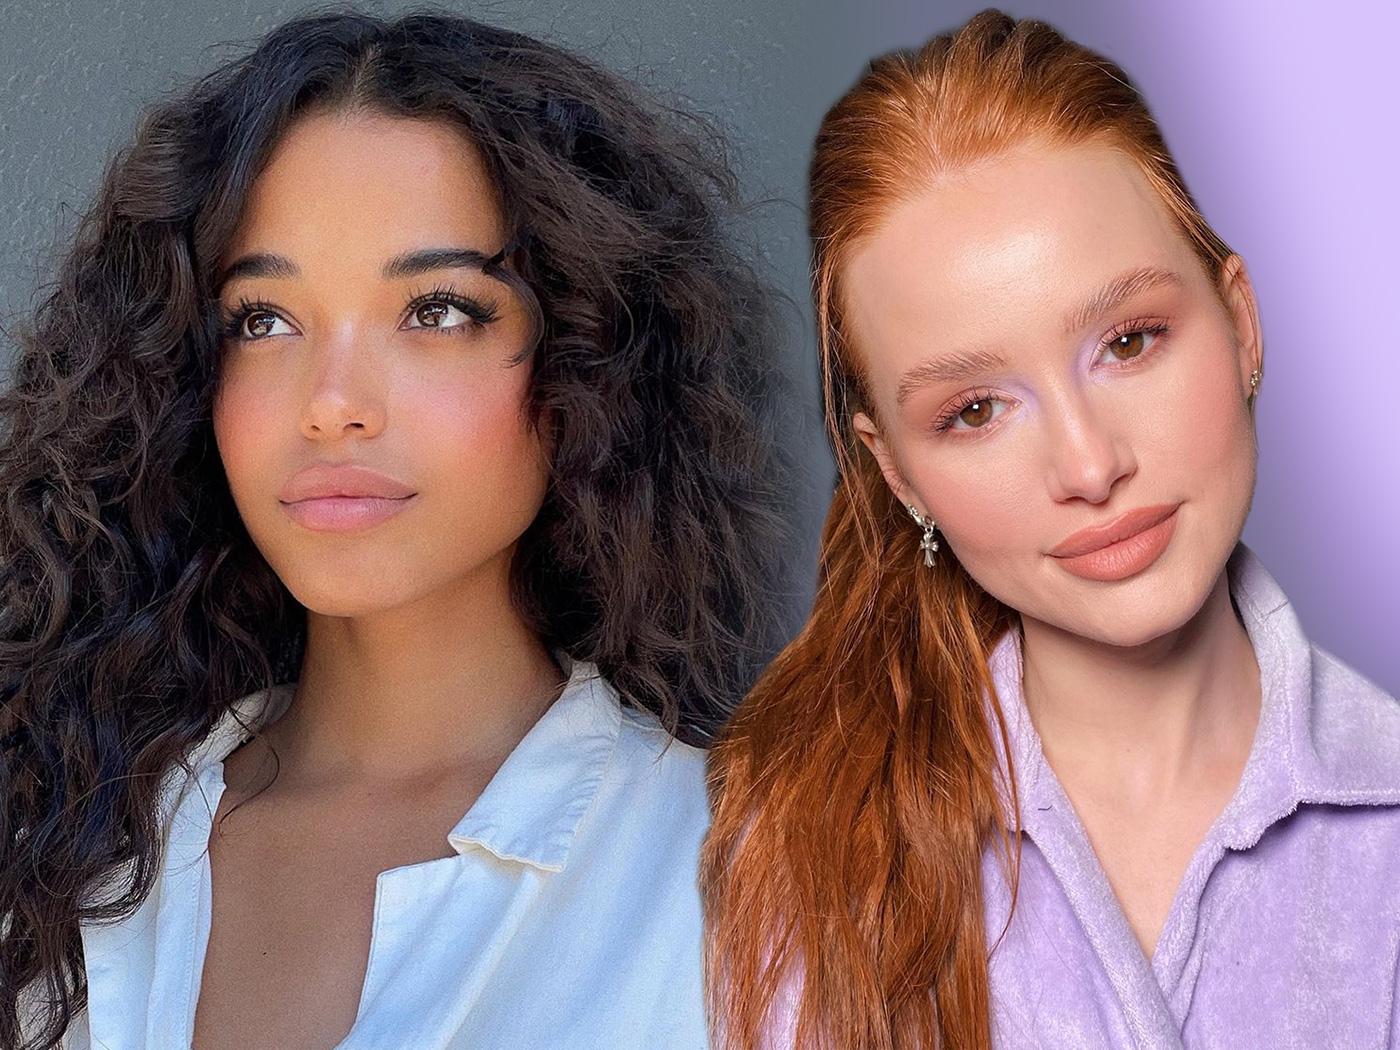 Τα έξυπνα tricks των make up artists για ξεκούραστο βλέμμα